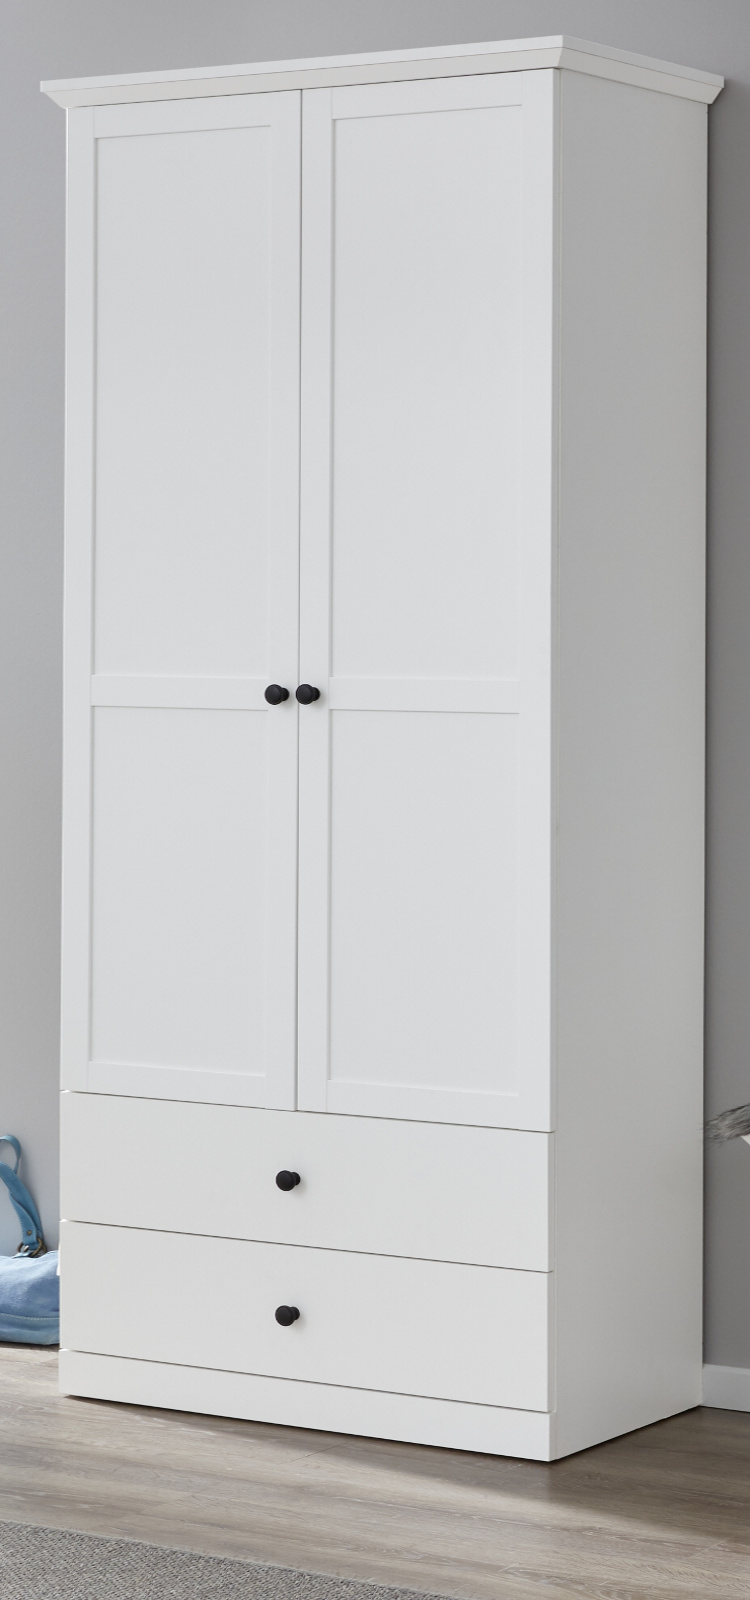 Garderobenschrank Baxter in weiß